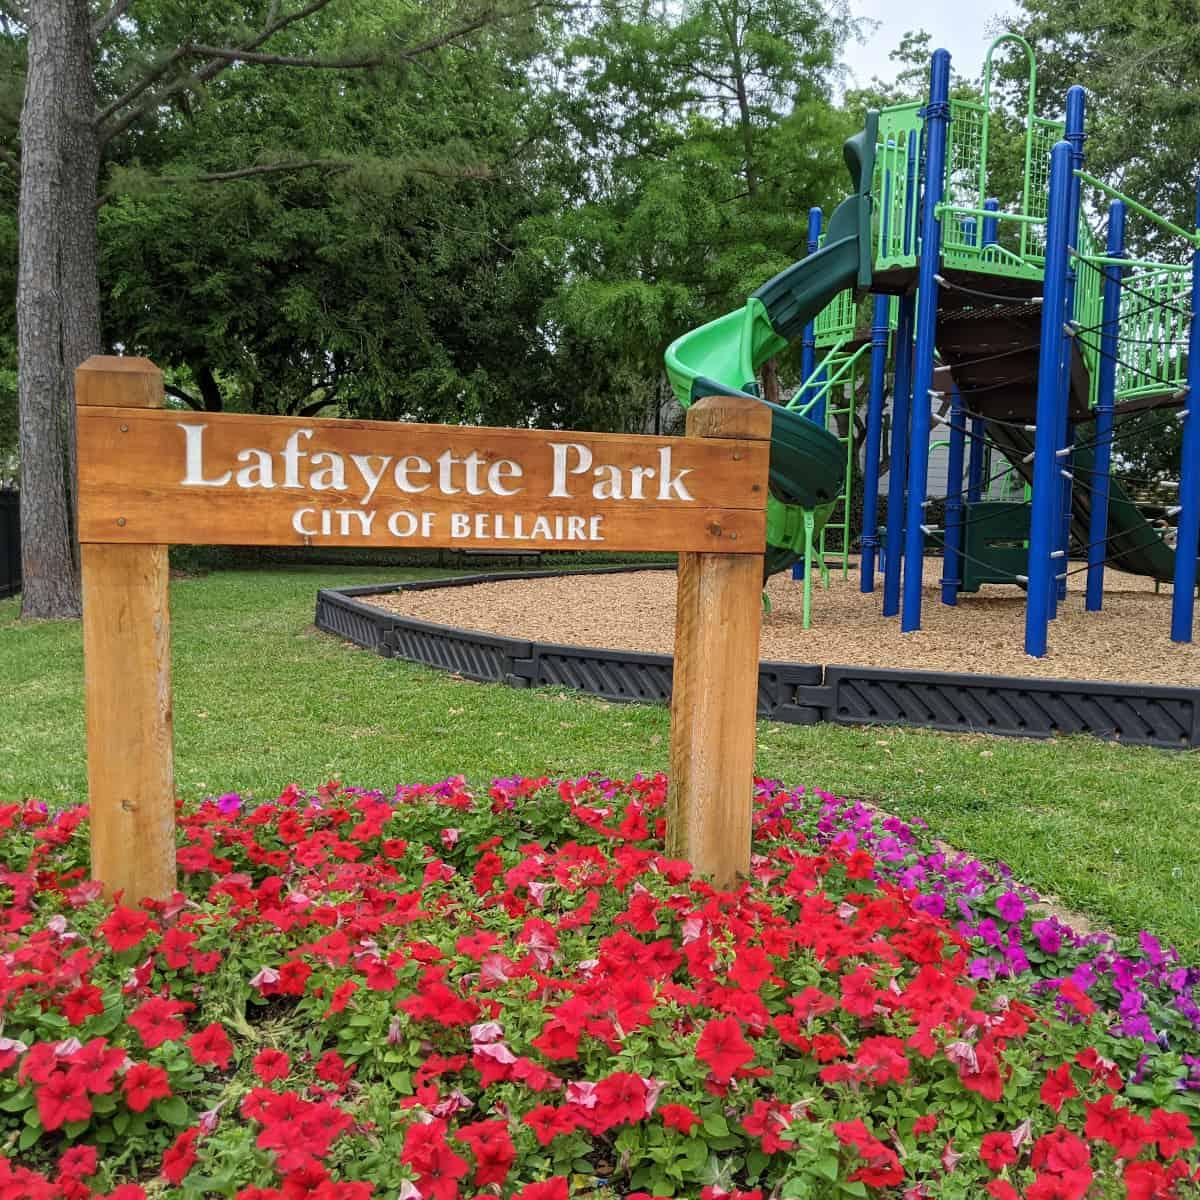 Lafayette Park Sign